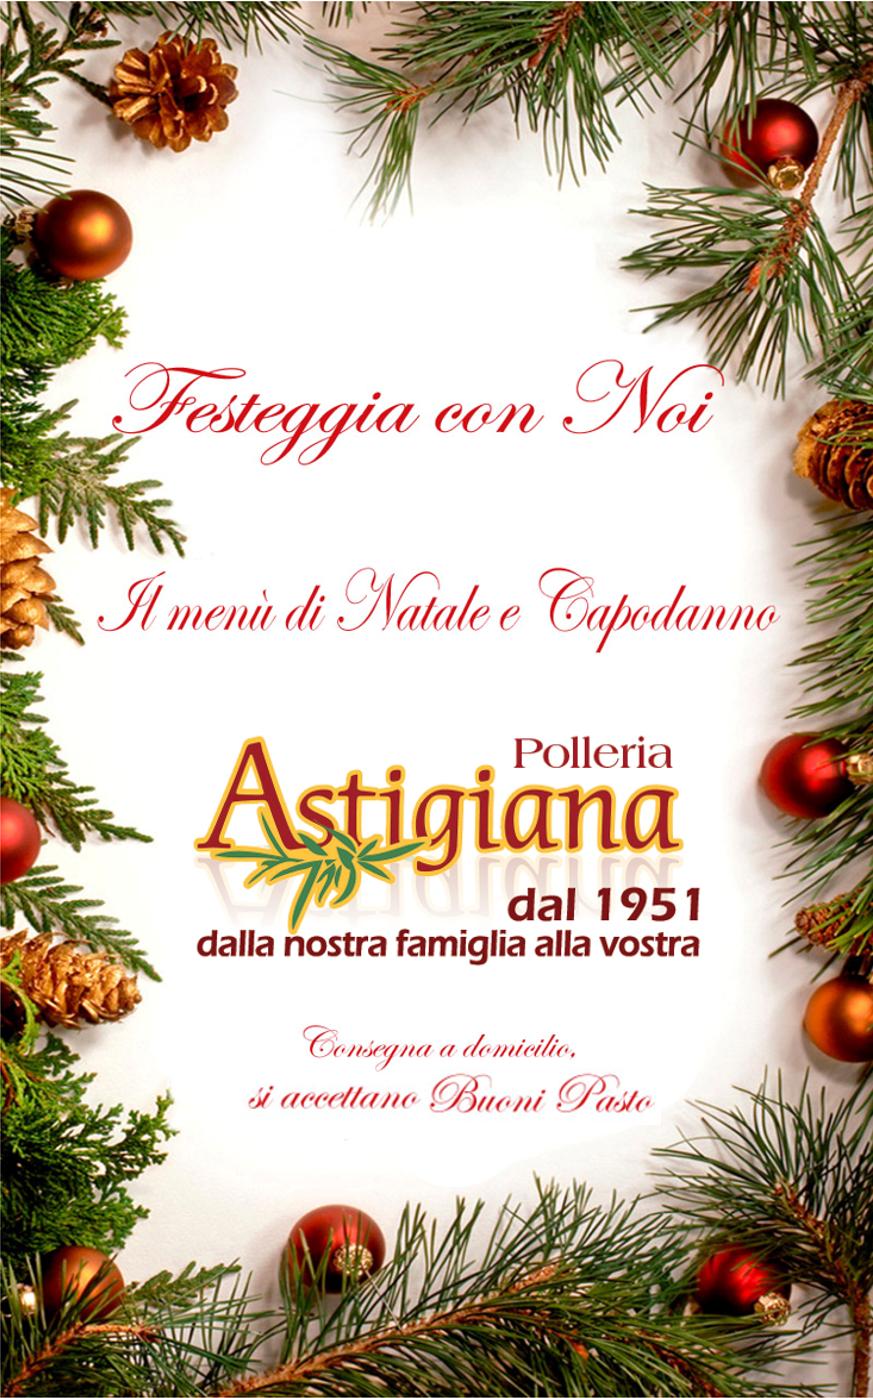 Polleria Astigiana vi augura Buone Feste! Menù di Natale e Capodanno